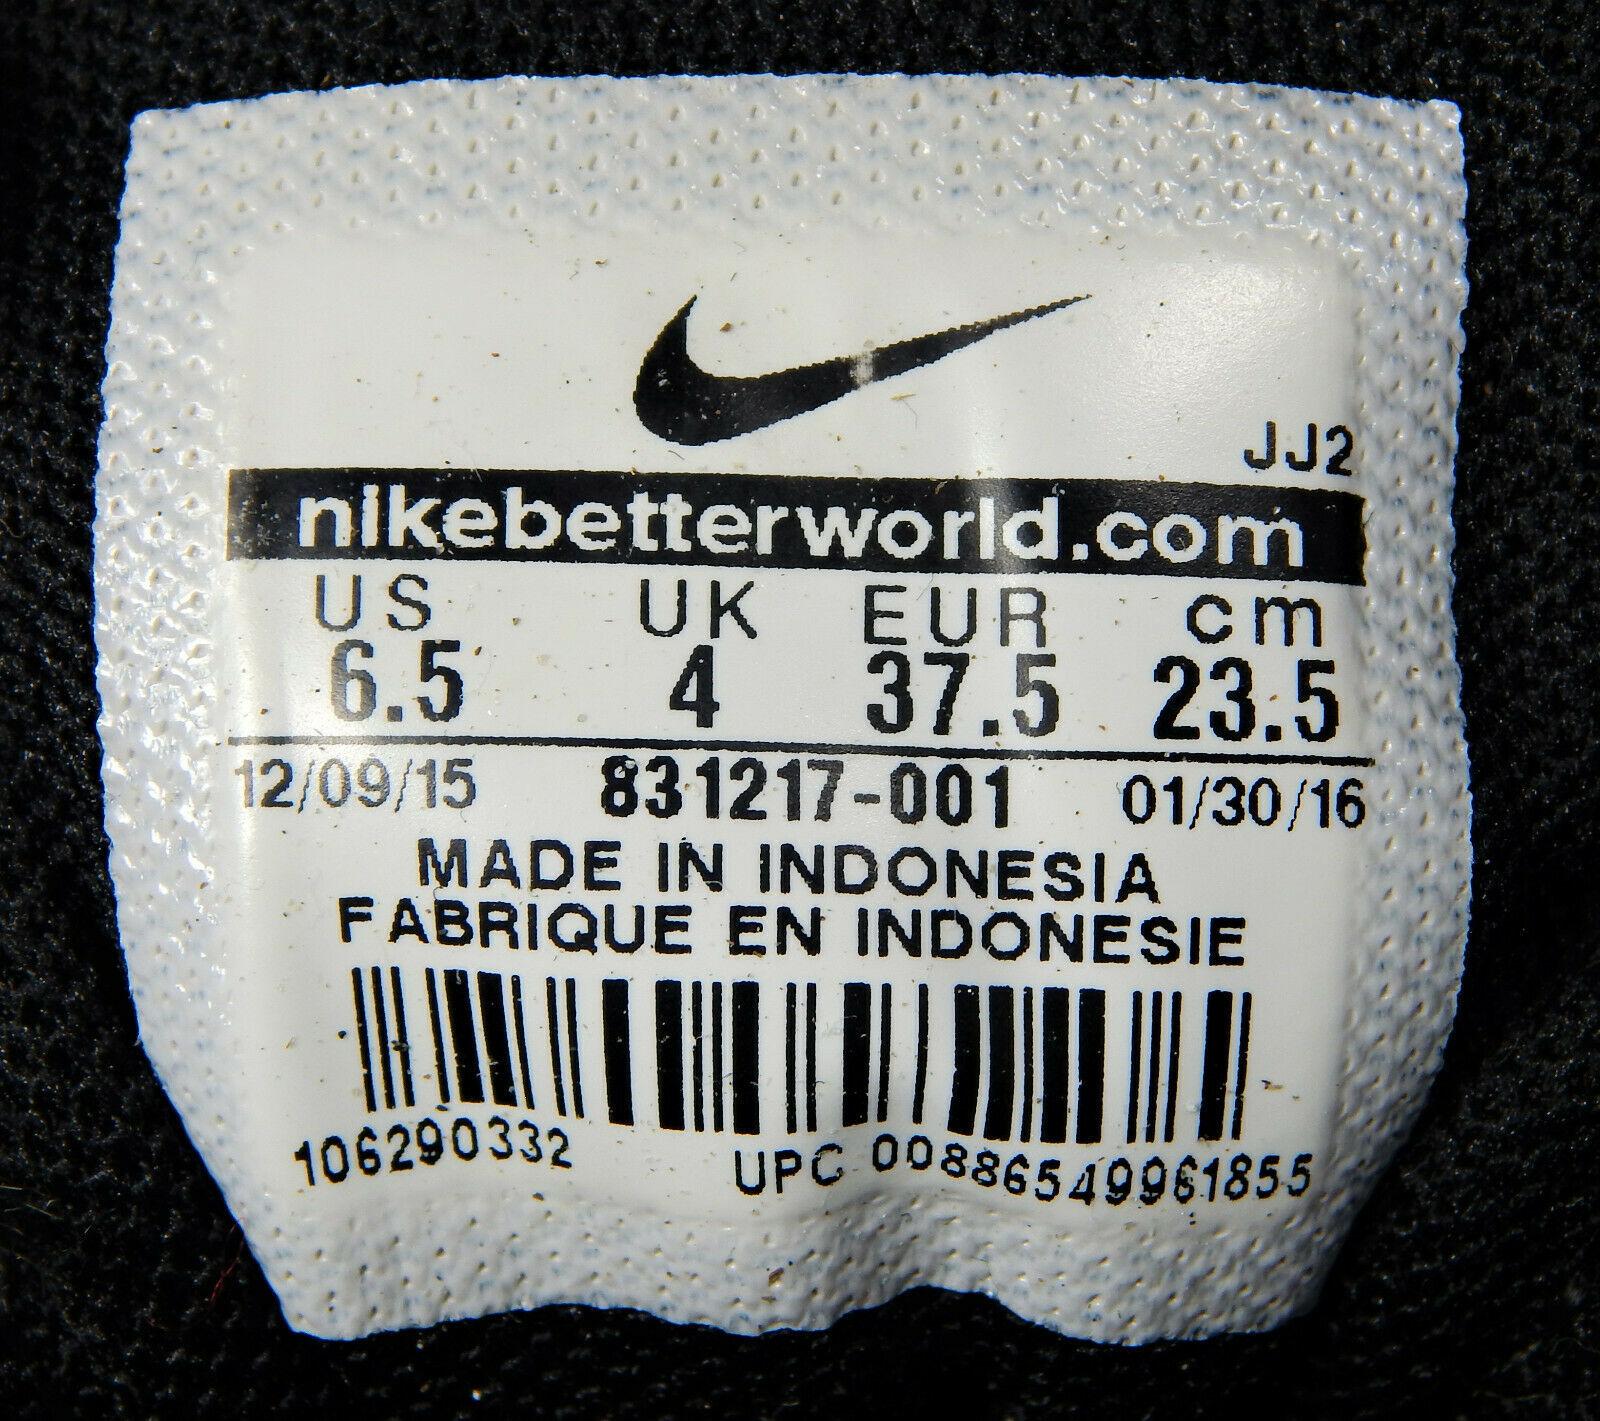 Nike Flex TR 6 Training Shoes/Sneakers in Black Women's Size 6.5 831217-001